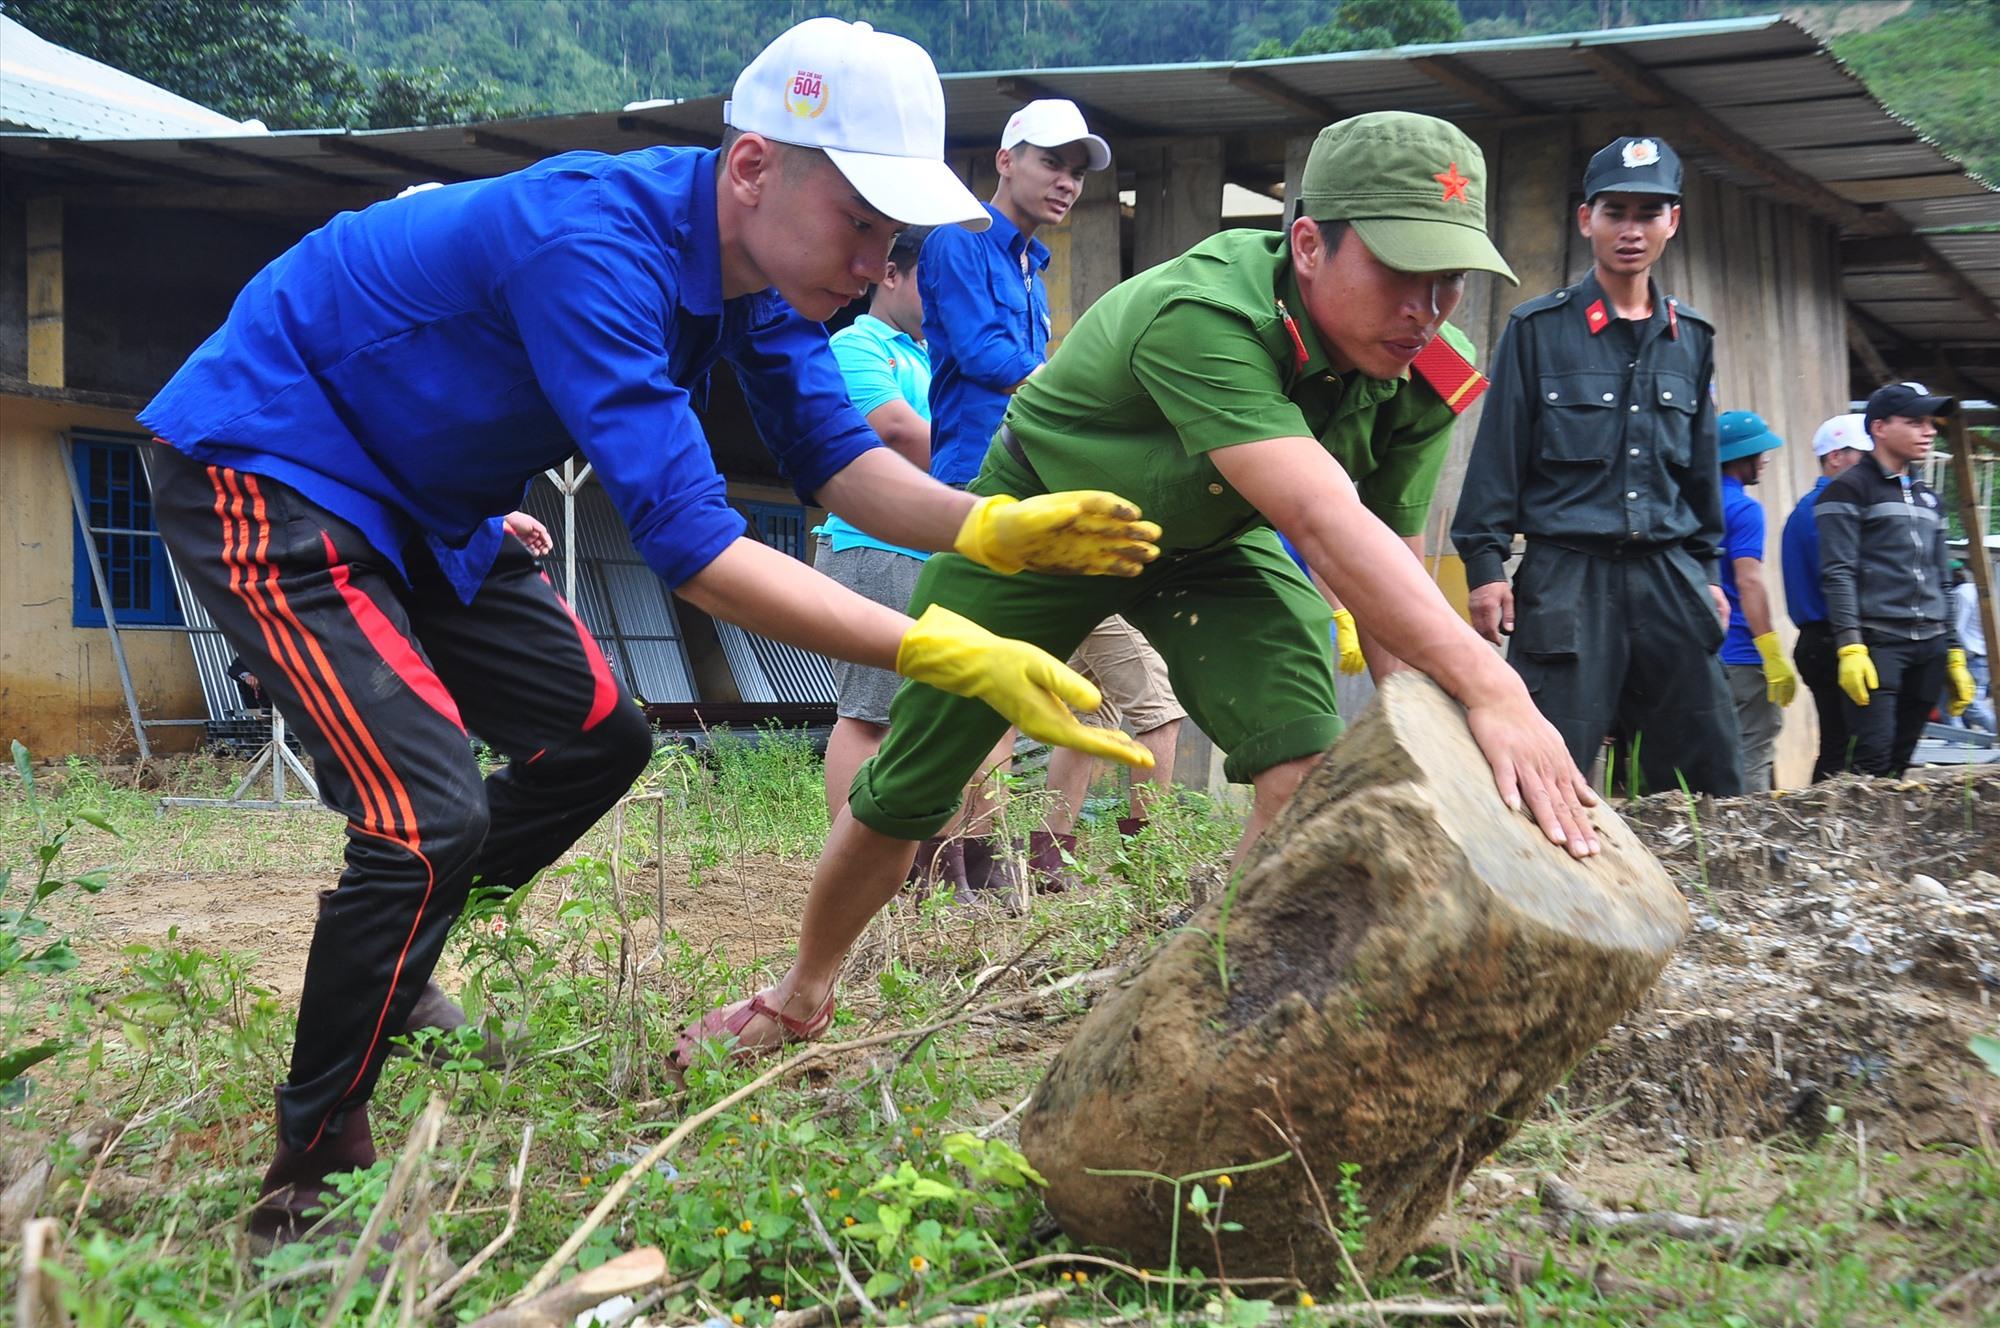 Lực lượng tình nguyện làm việc hăng say giúp nhà trường khắc phục hậu quả bão lũ. Ảnh: VINH ANH